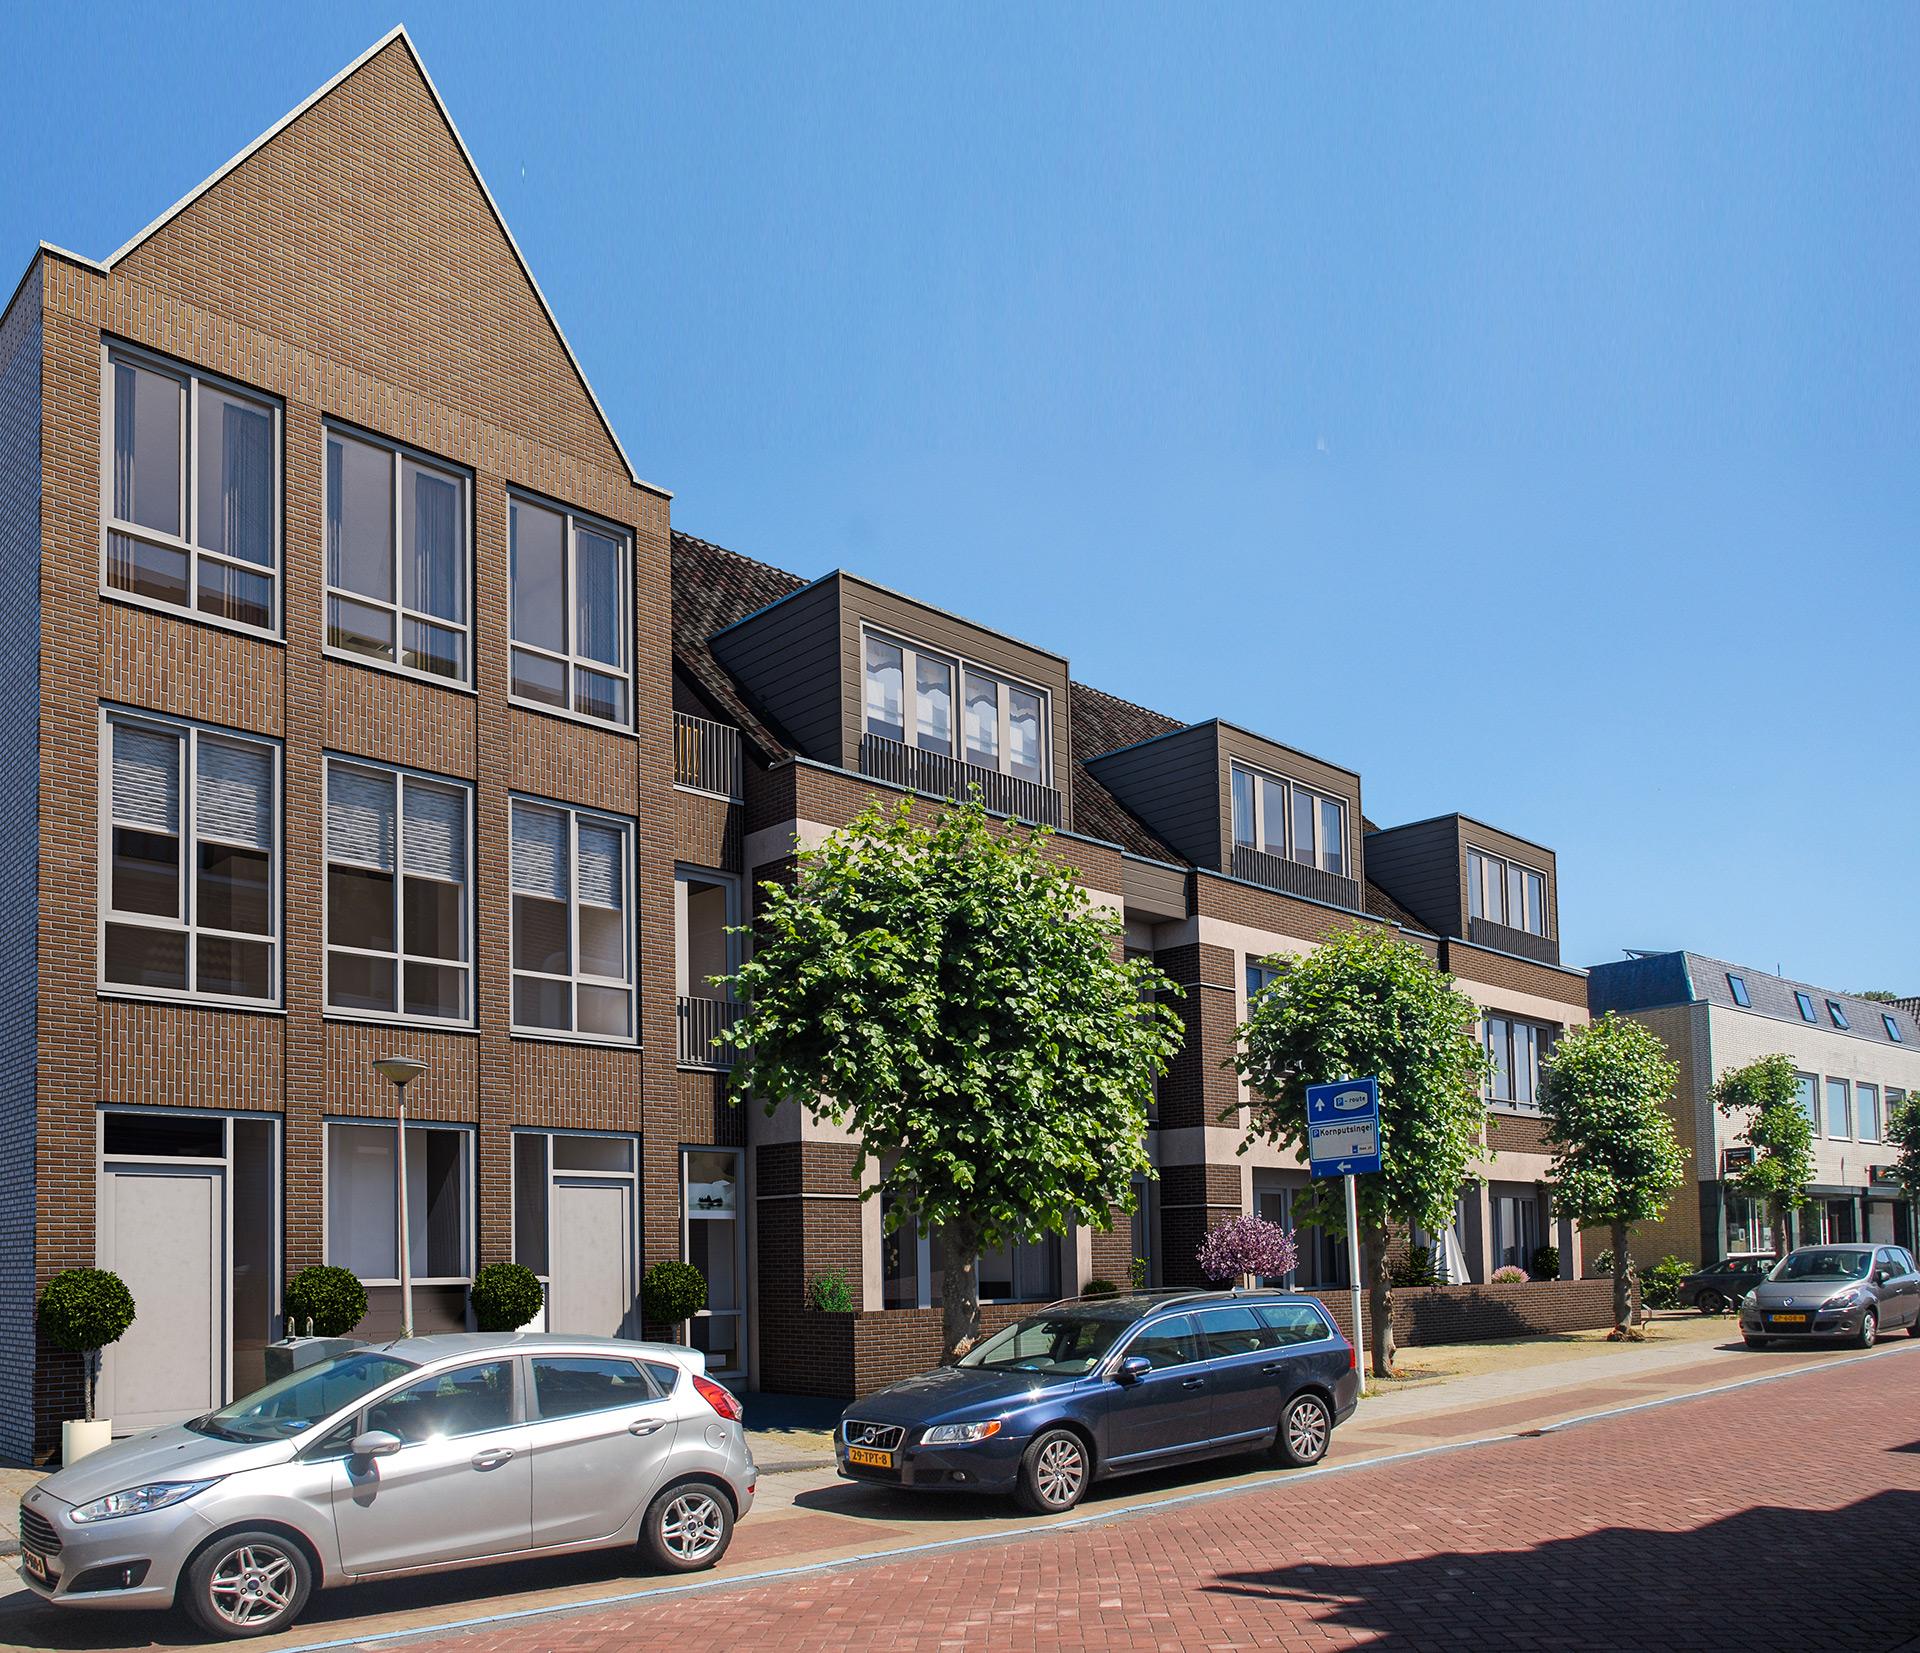 2000688---MultiPlus---De-Bank-Steenwijk---straatbeeld-2---WEB